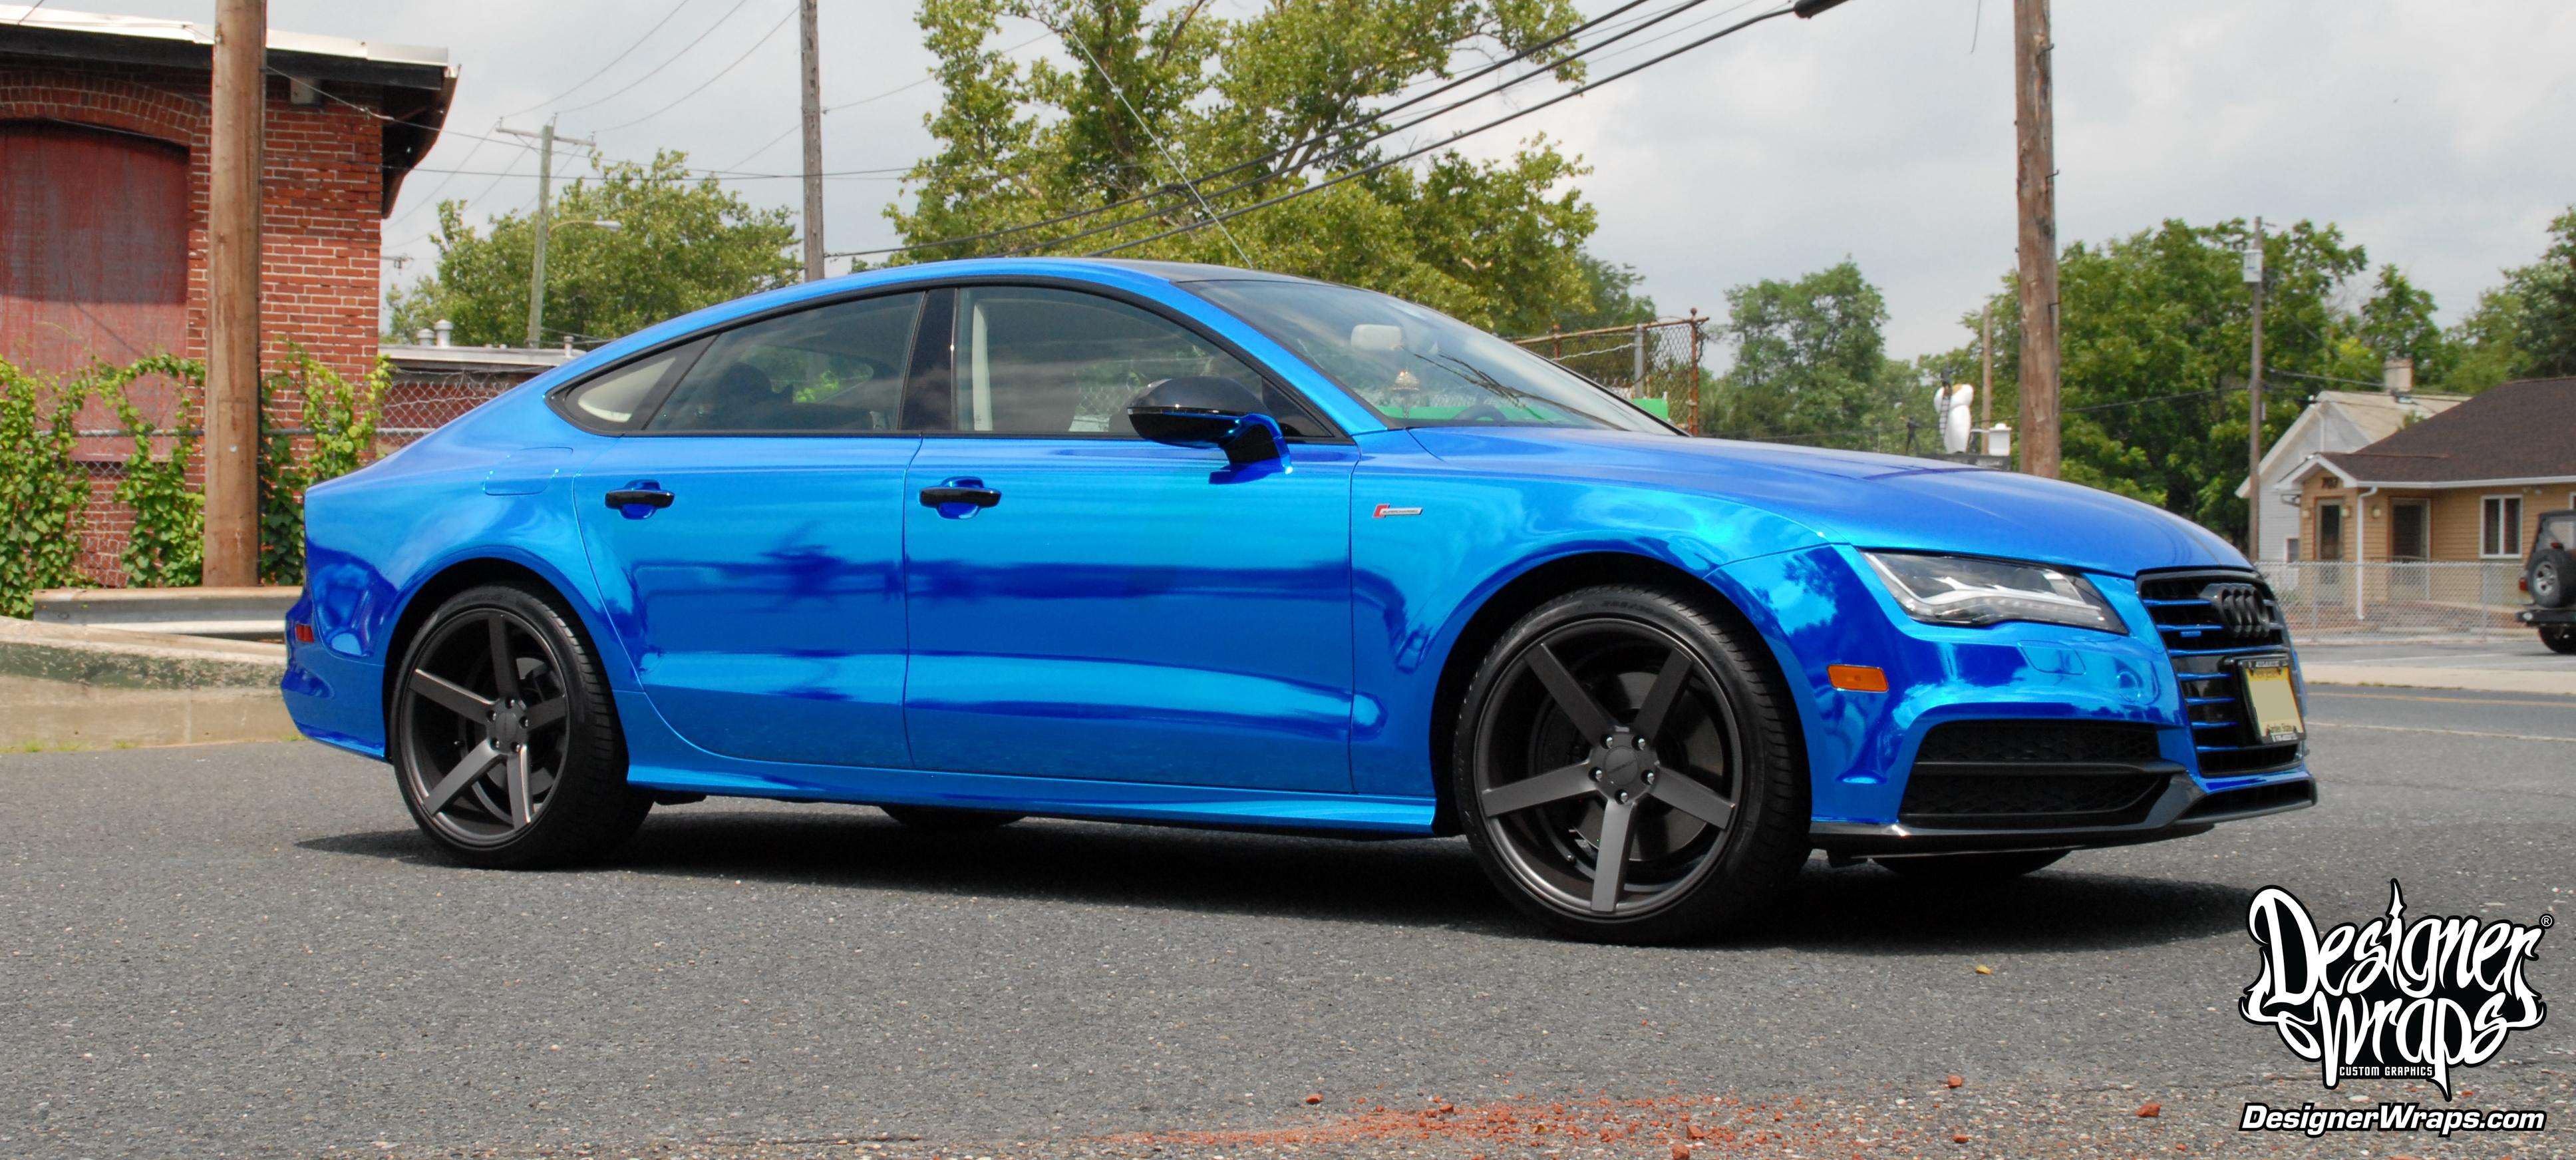 audi a7 2014 custom. designer wraps chrome blue audi a7 2014 custom g